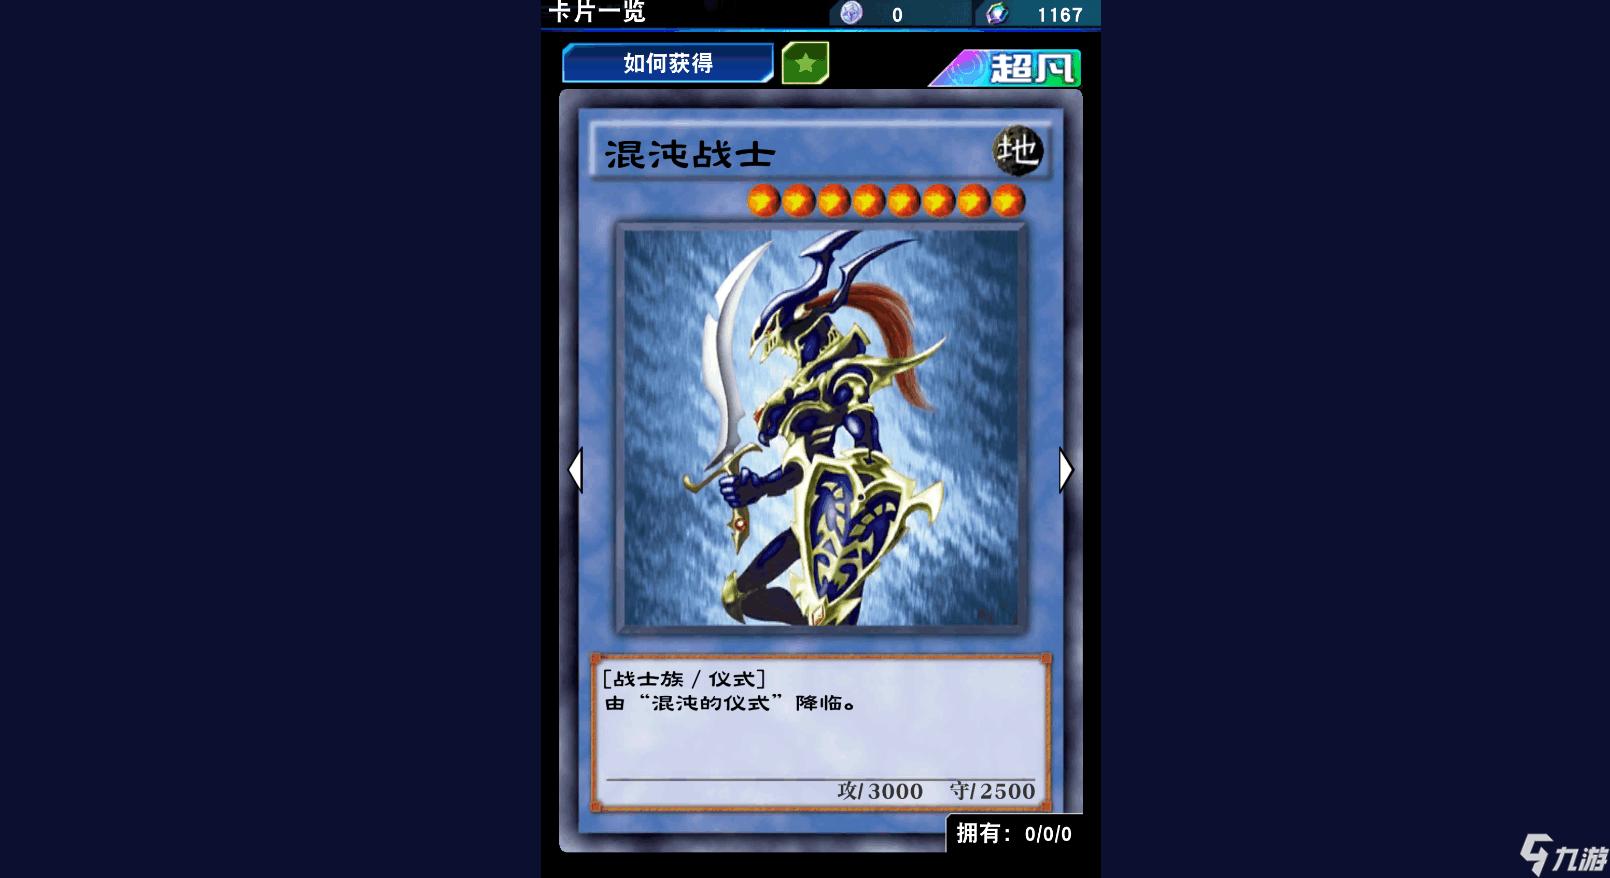 游戏王决斗链接混沌条约怎么玩 混沌条约卡盒怎么搭配